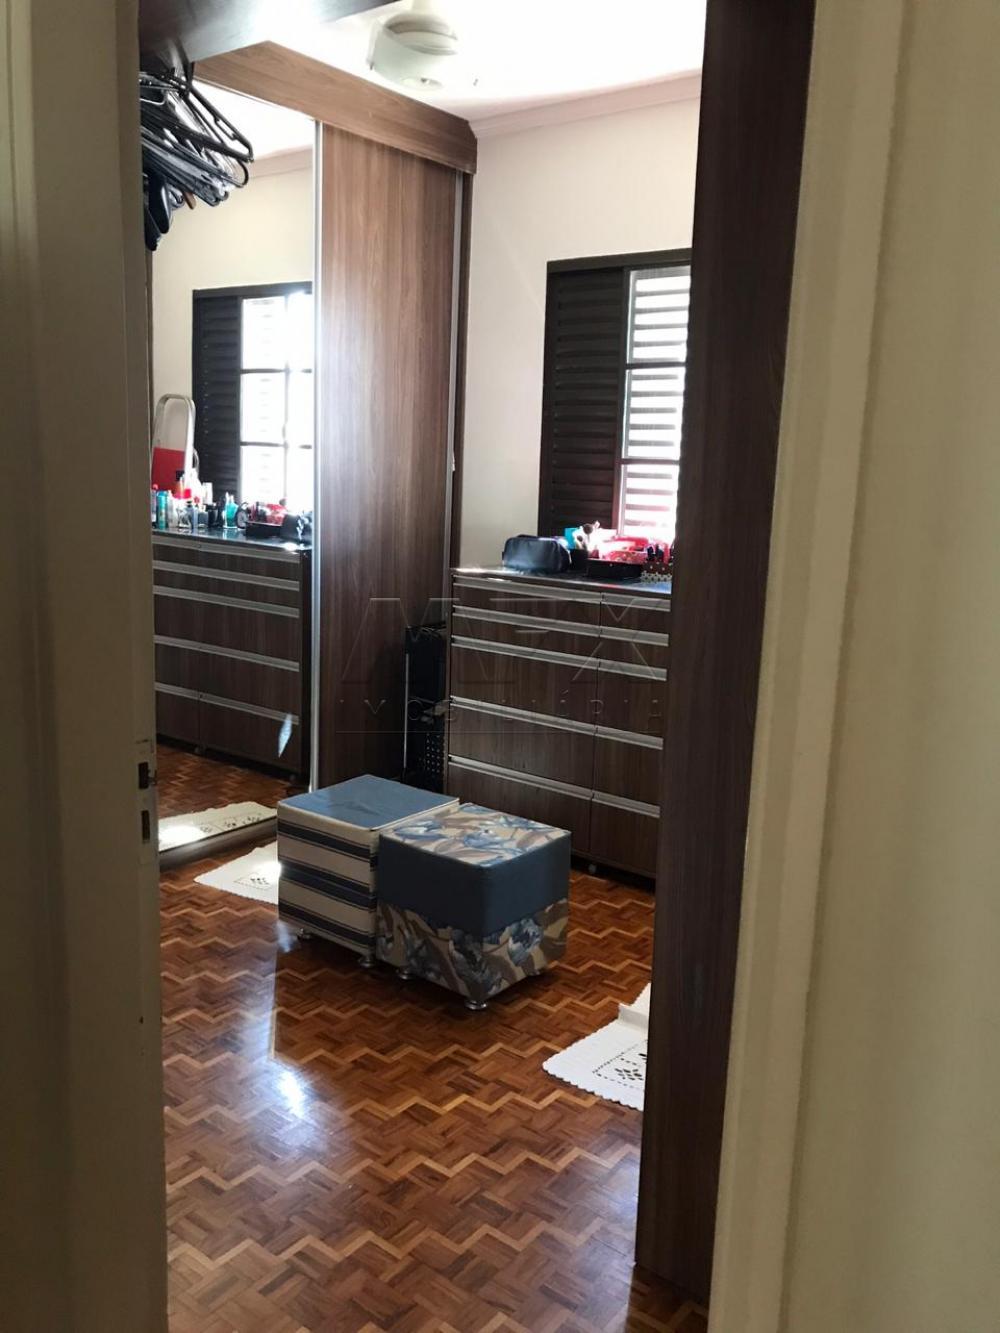 Comprar Casa / Padrão em Bauru apenas R$ 380.000,00 - Foto 7